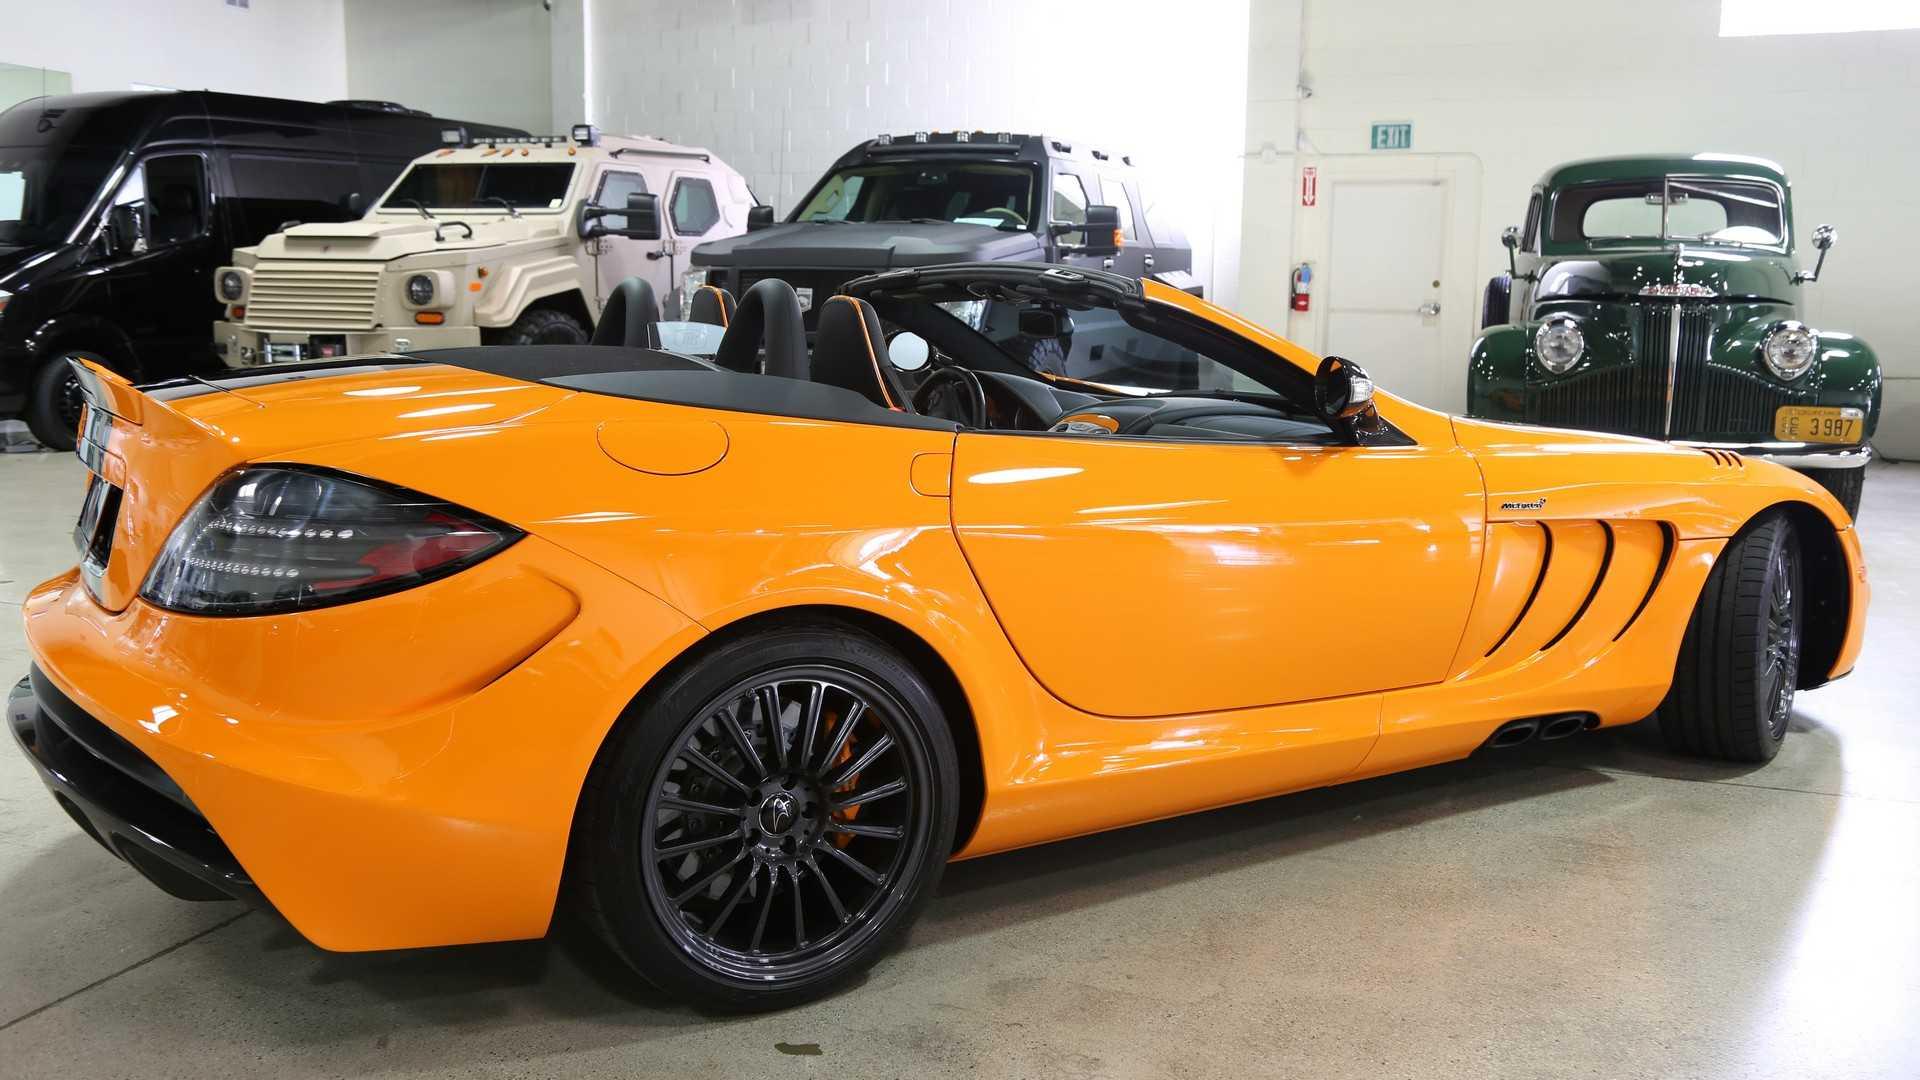 Mercedes-McLaren_SLR_722S_Roadster_McLaren_Edition_0010